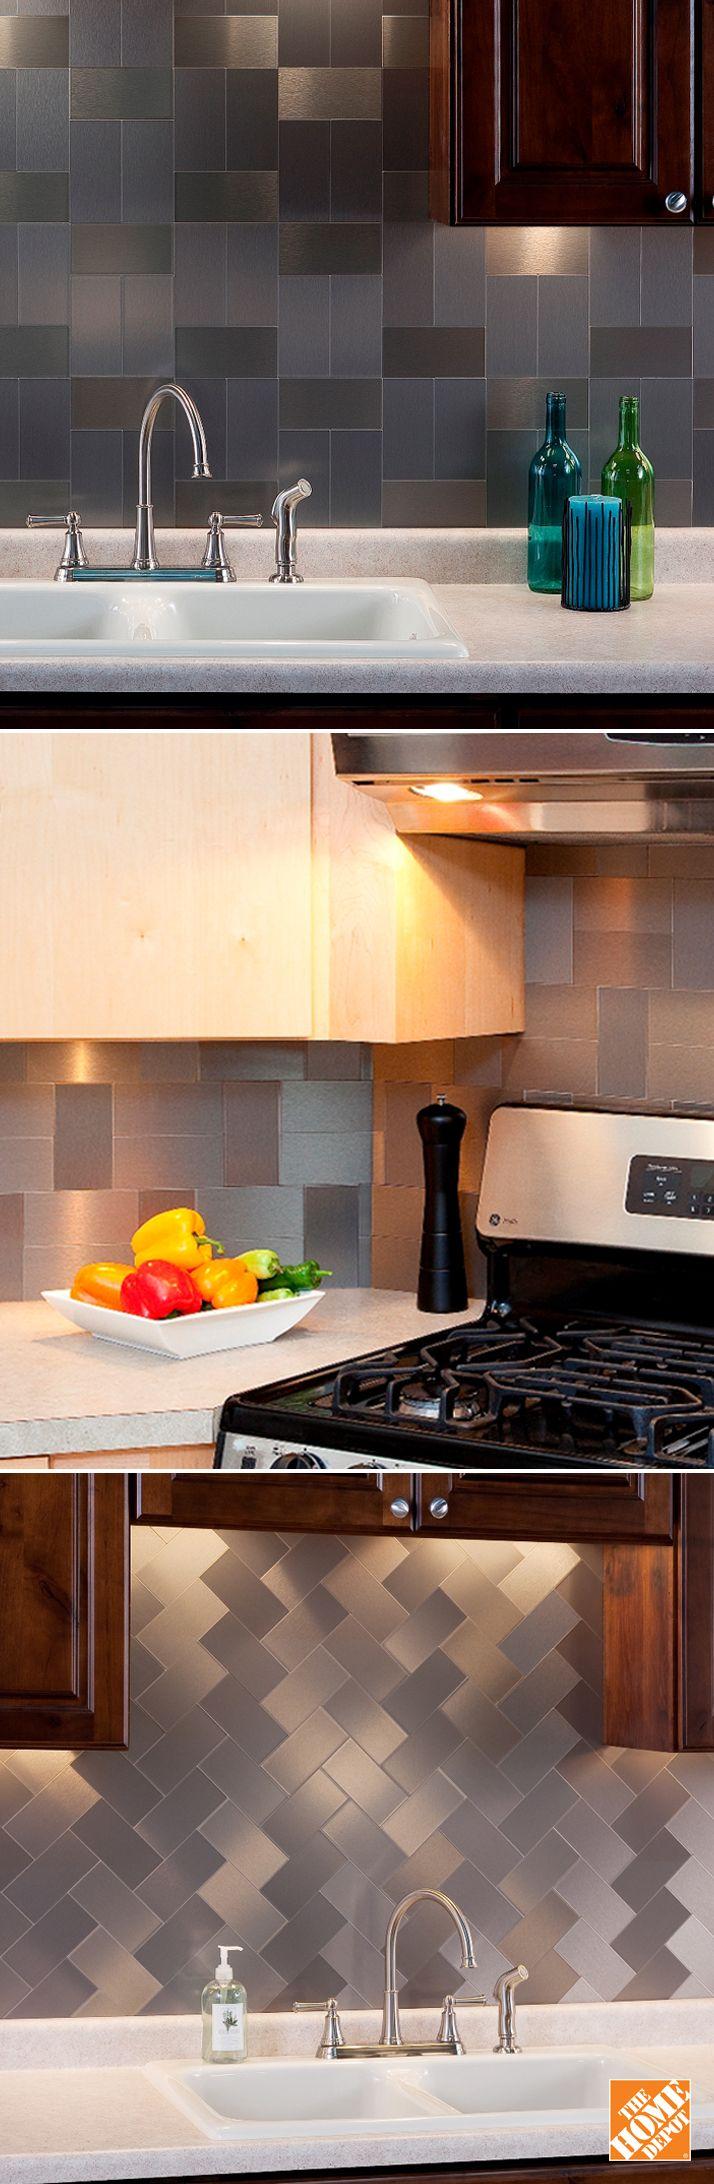 48++ Kitchen backsplash tiles home depot ideas in 2021